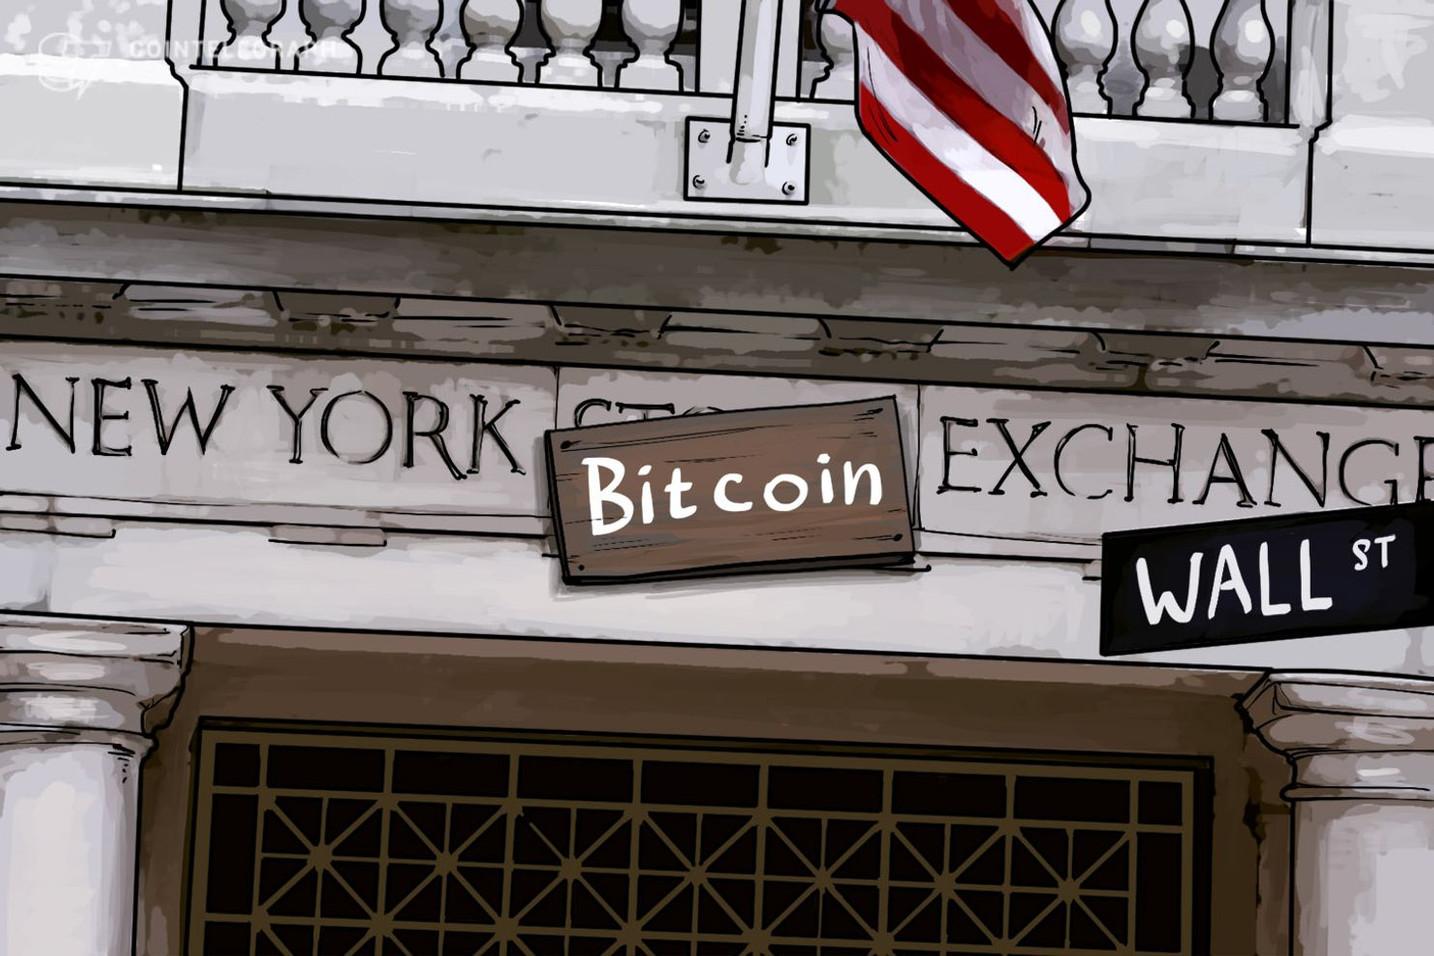 「ビットコイン台頭の背景に中銀やエリート層への信頼失墜」CNN番組「金融危機から10年」で発言